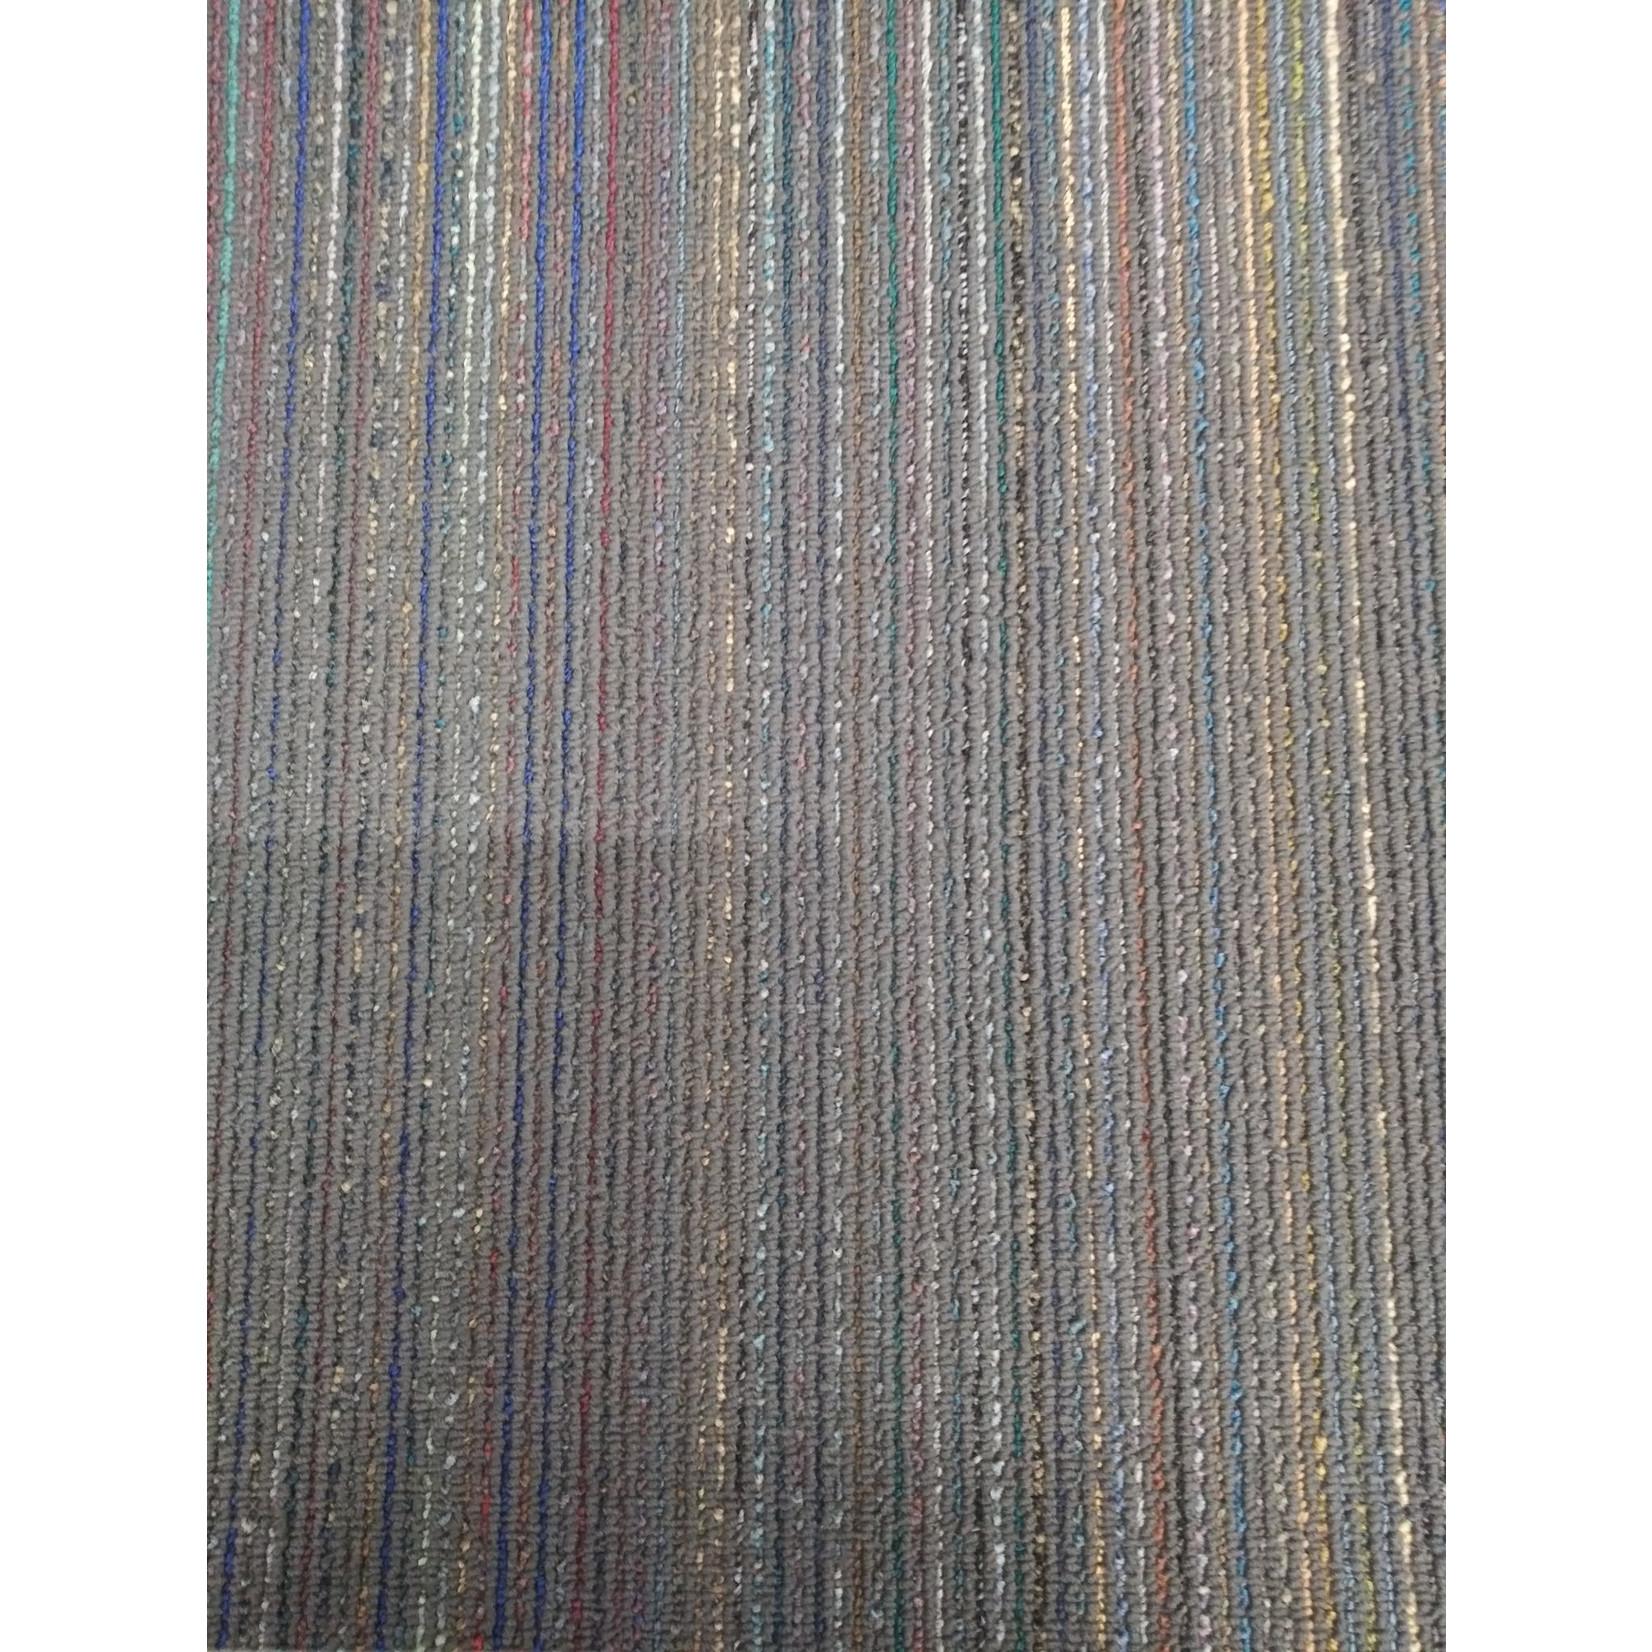 10499 Bolyu Carpet Squares